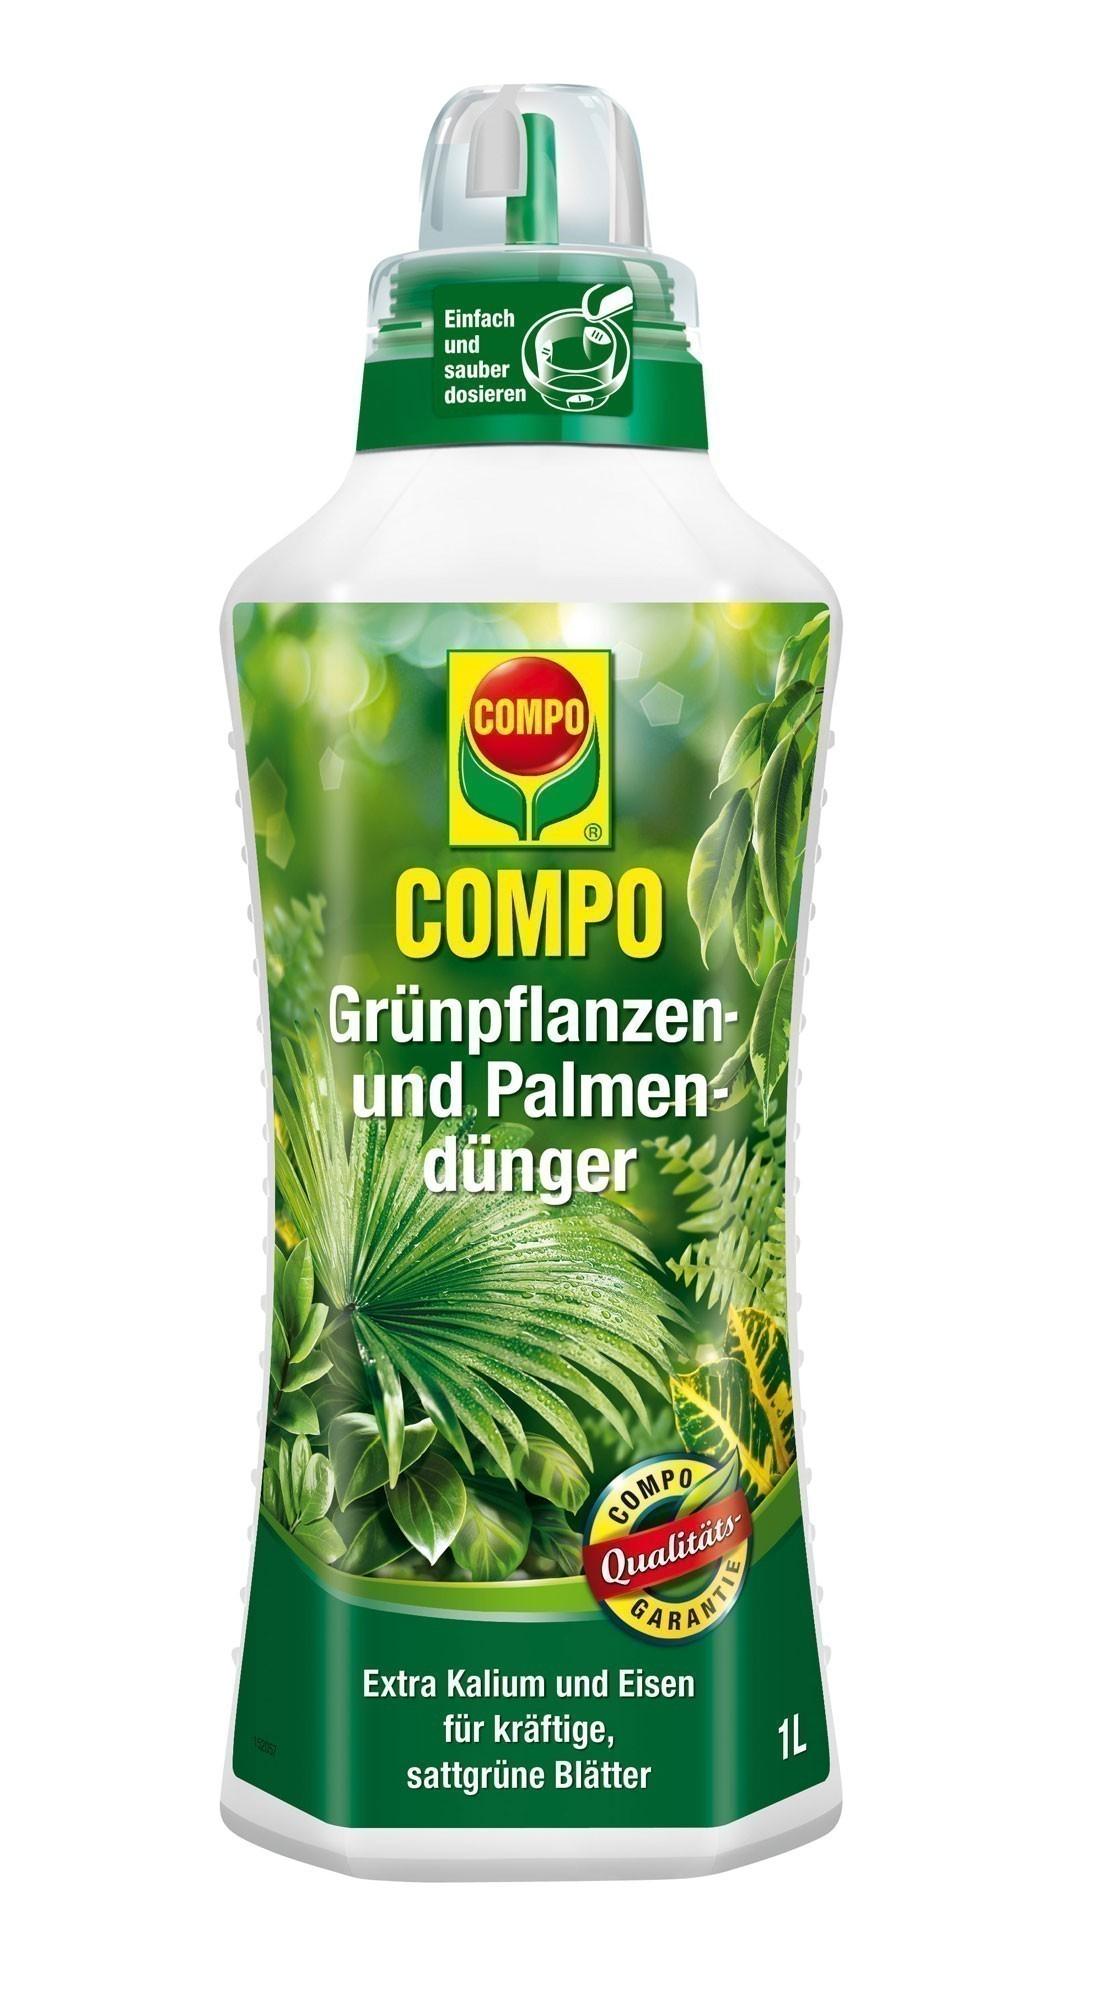 Compo Grünpflanzendünger 1 Liter Bild 1